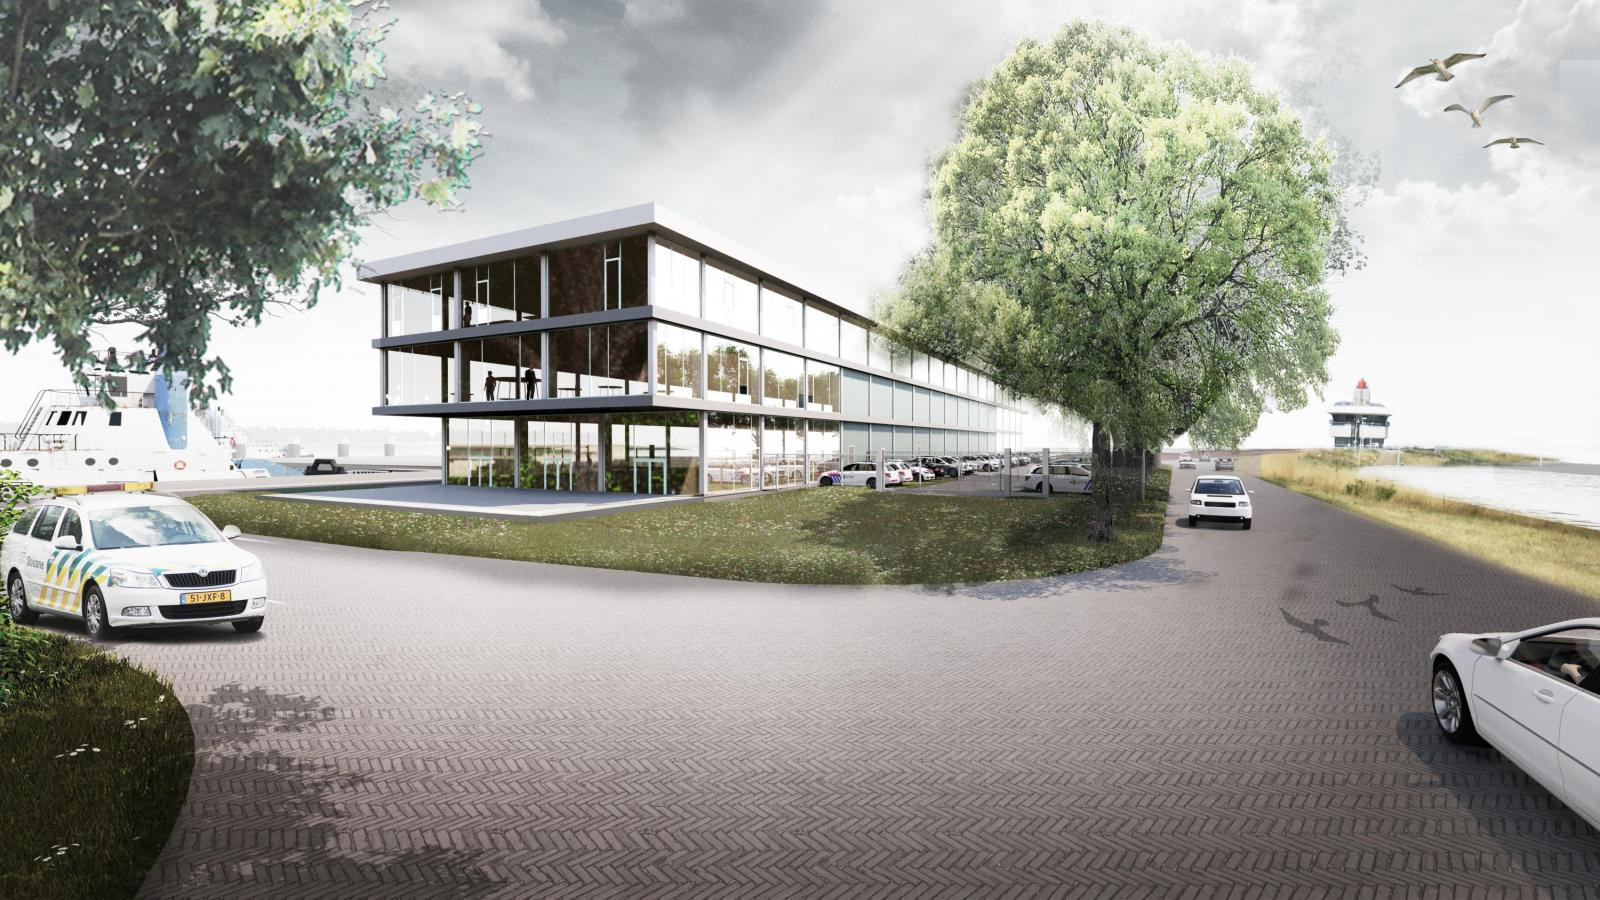 Impressie nieuw dienstengebouw aan de Westbuitenhaven aan de noordzijde van het Terneuzense sluizencomplex.